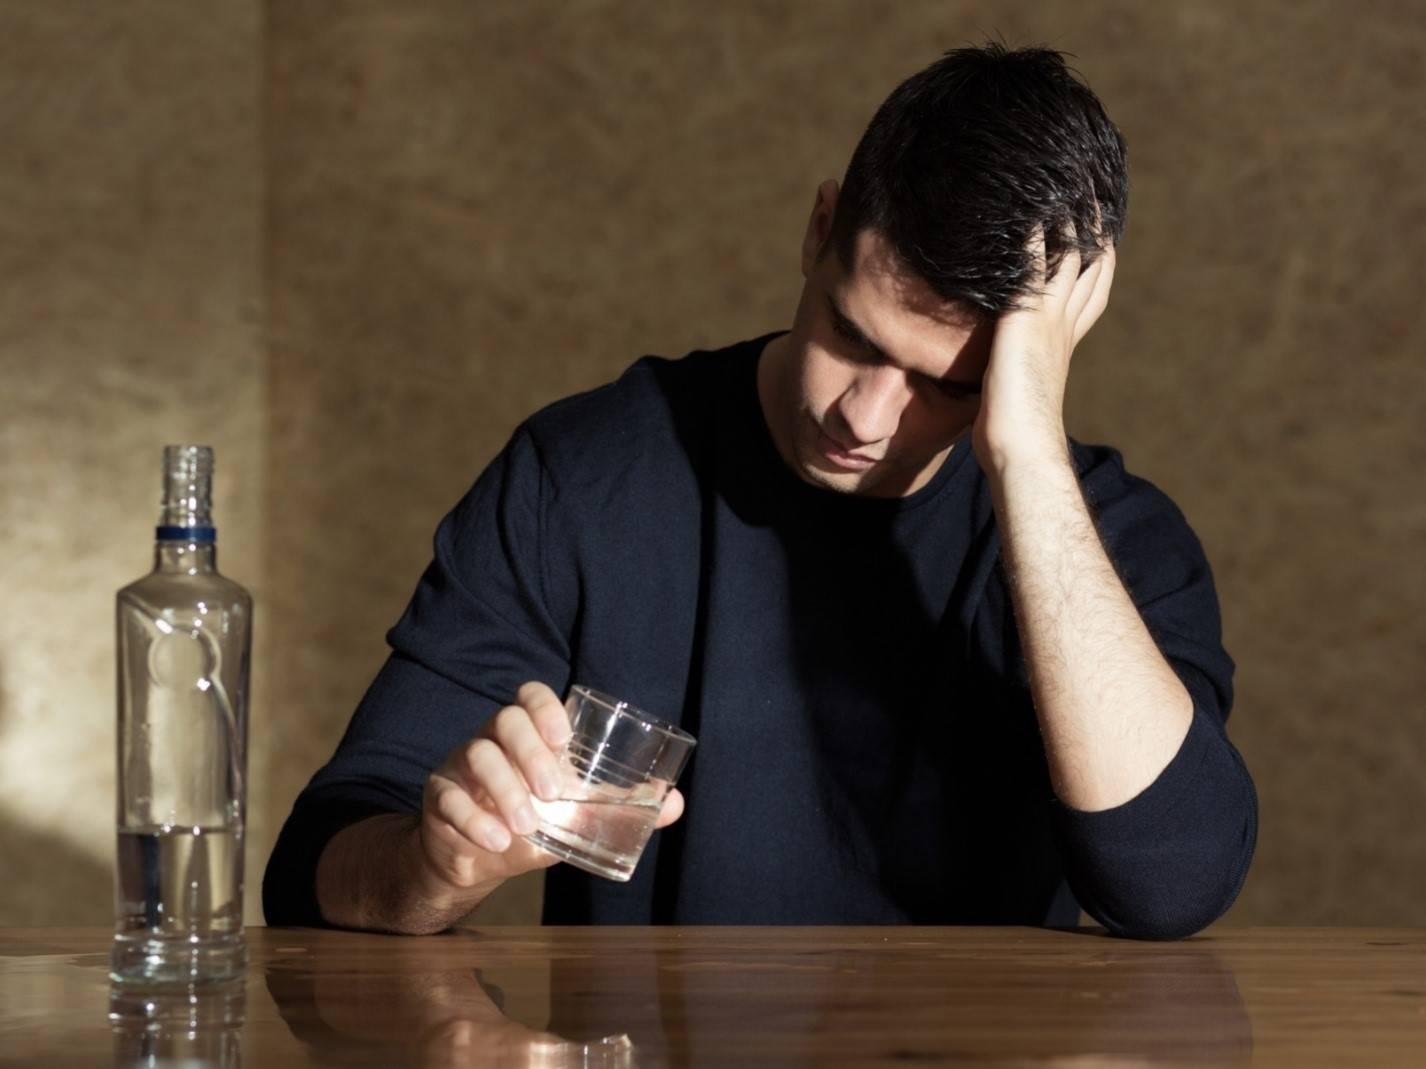 Почему бросают пить хронические алкоголики - статьи о наркологии